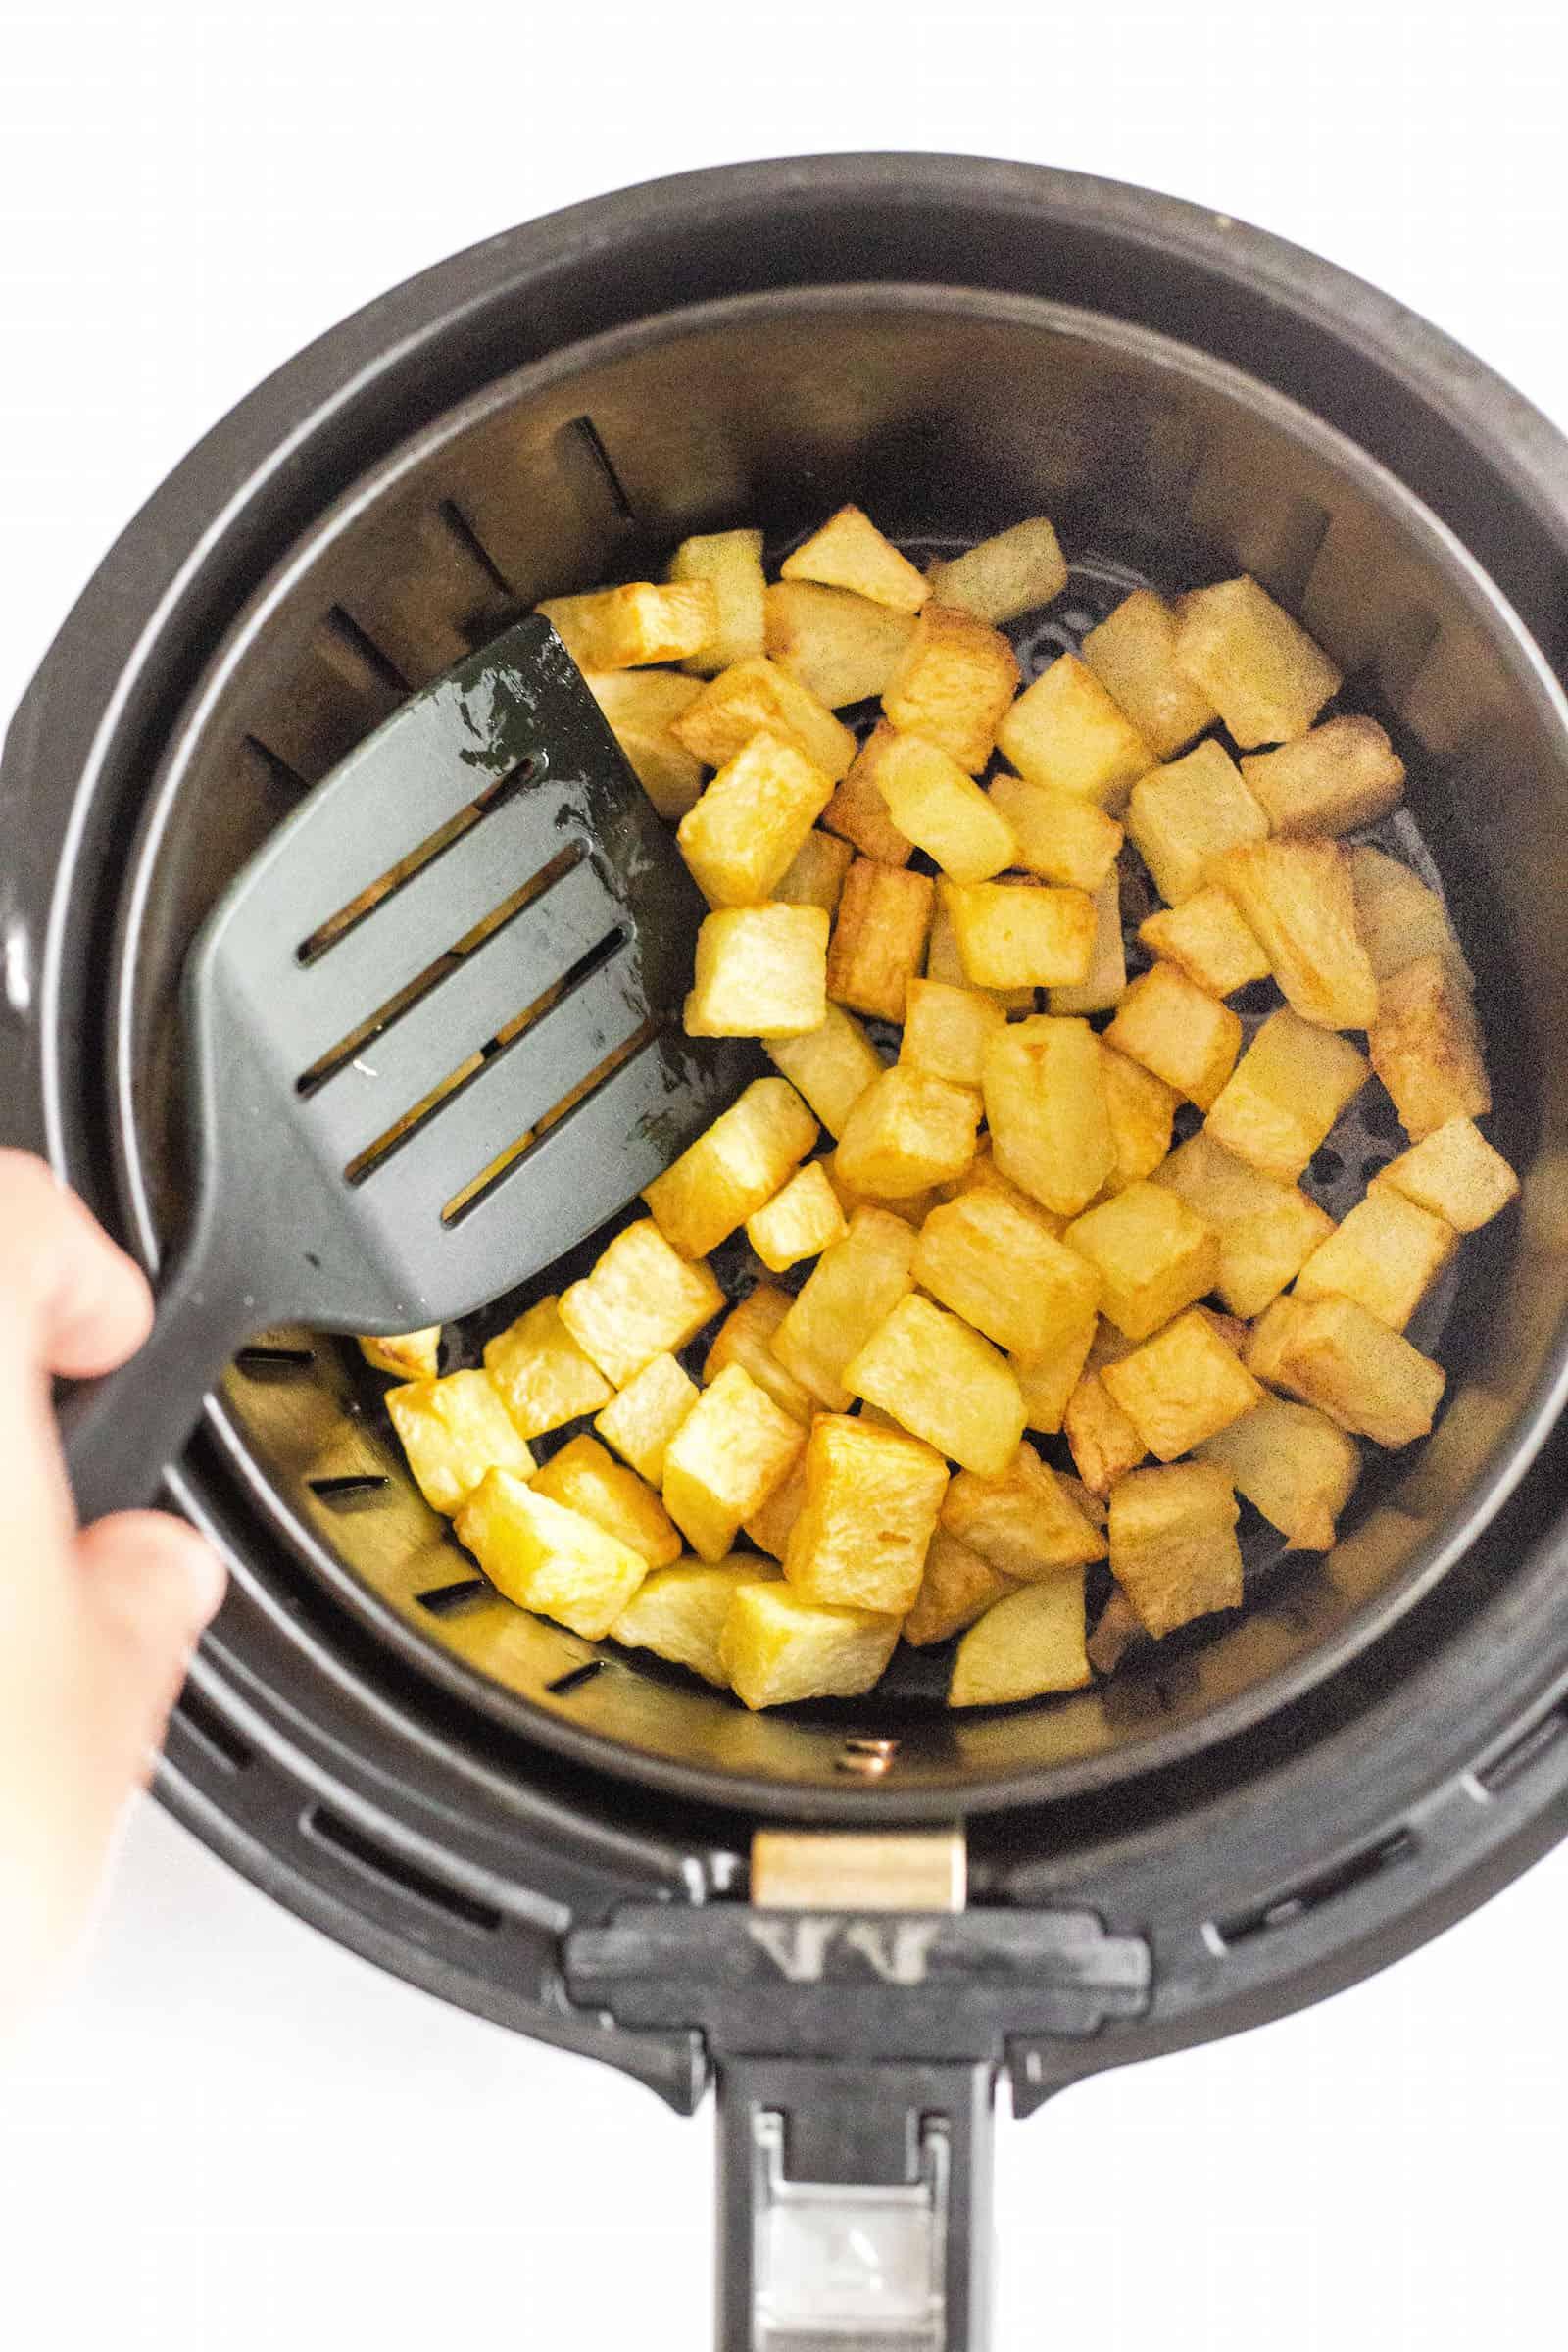 Tossing air fryer diced potatoes in an air fryer basket.